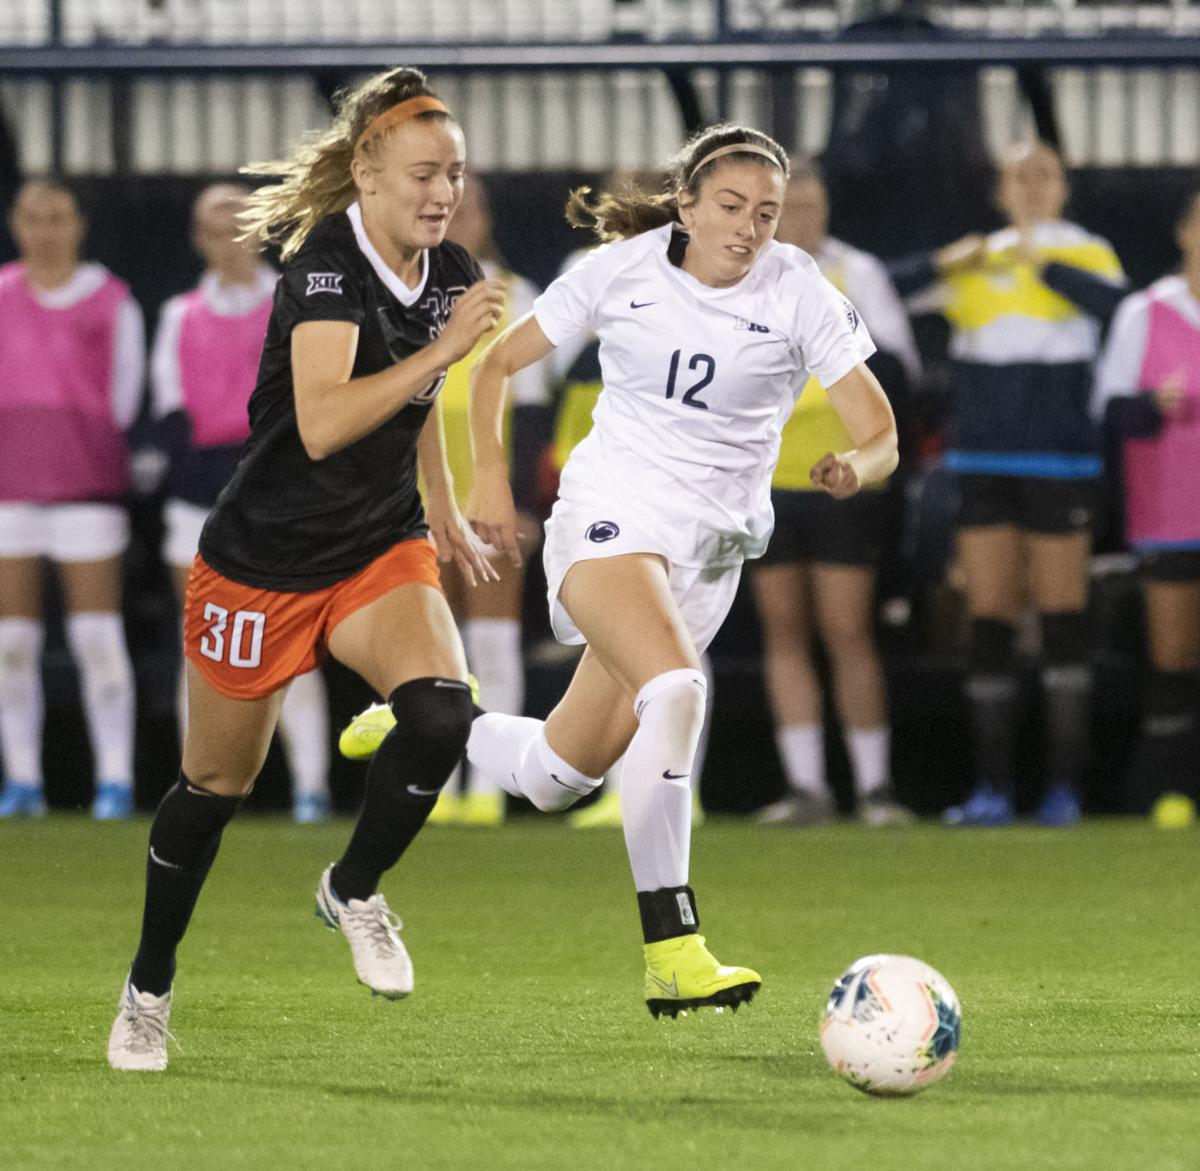 Women's soccer vs. Oklahoma State, Linnehan (12)